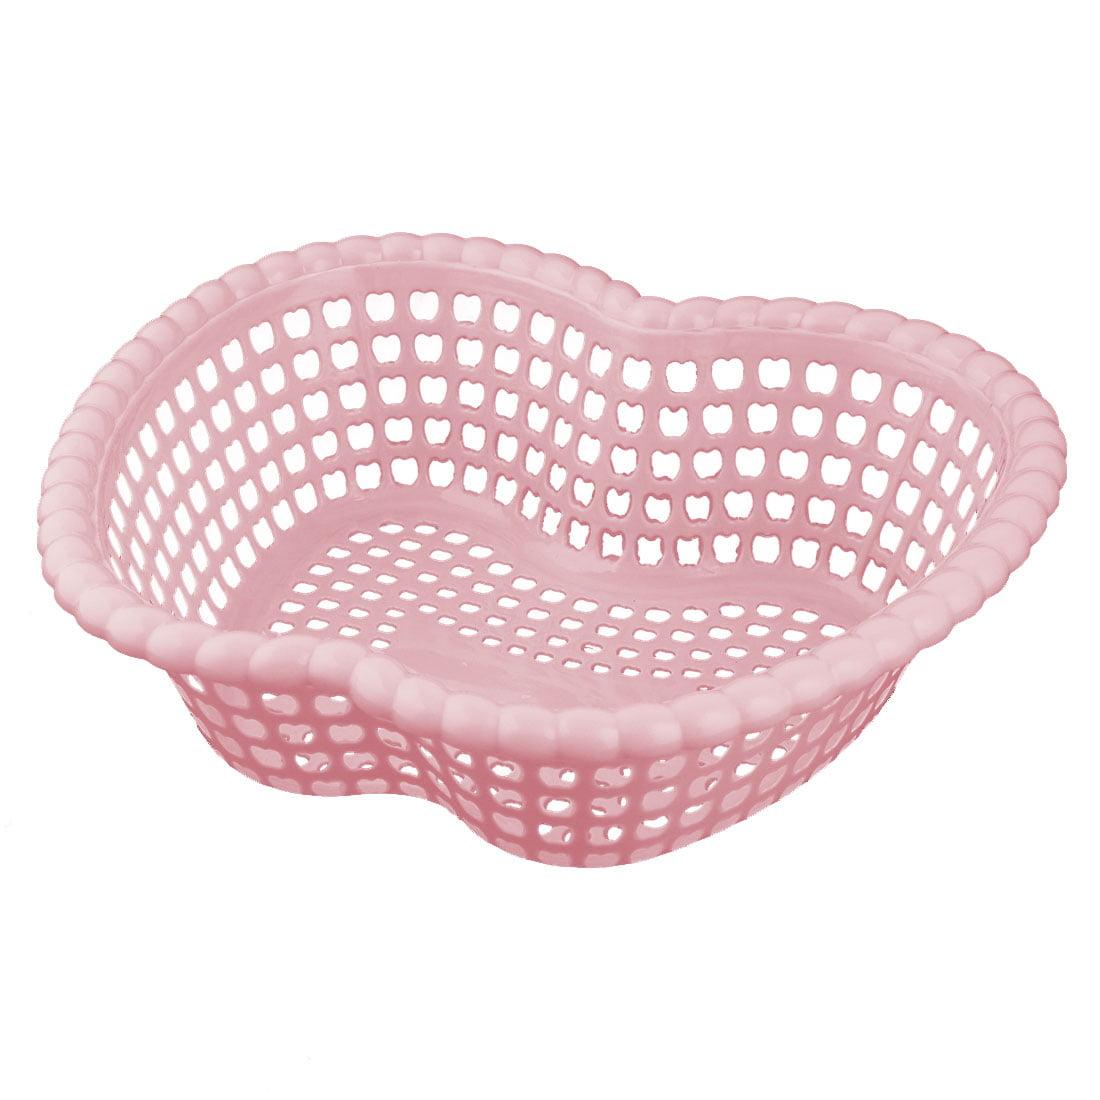 Unique Bargains Family Plastic Apple Shaped Fruit Vegetable Holder Washing Basket Strainer Pink